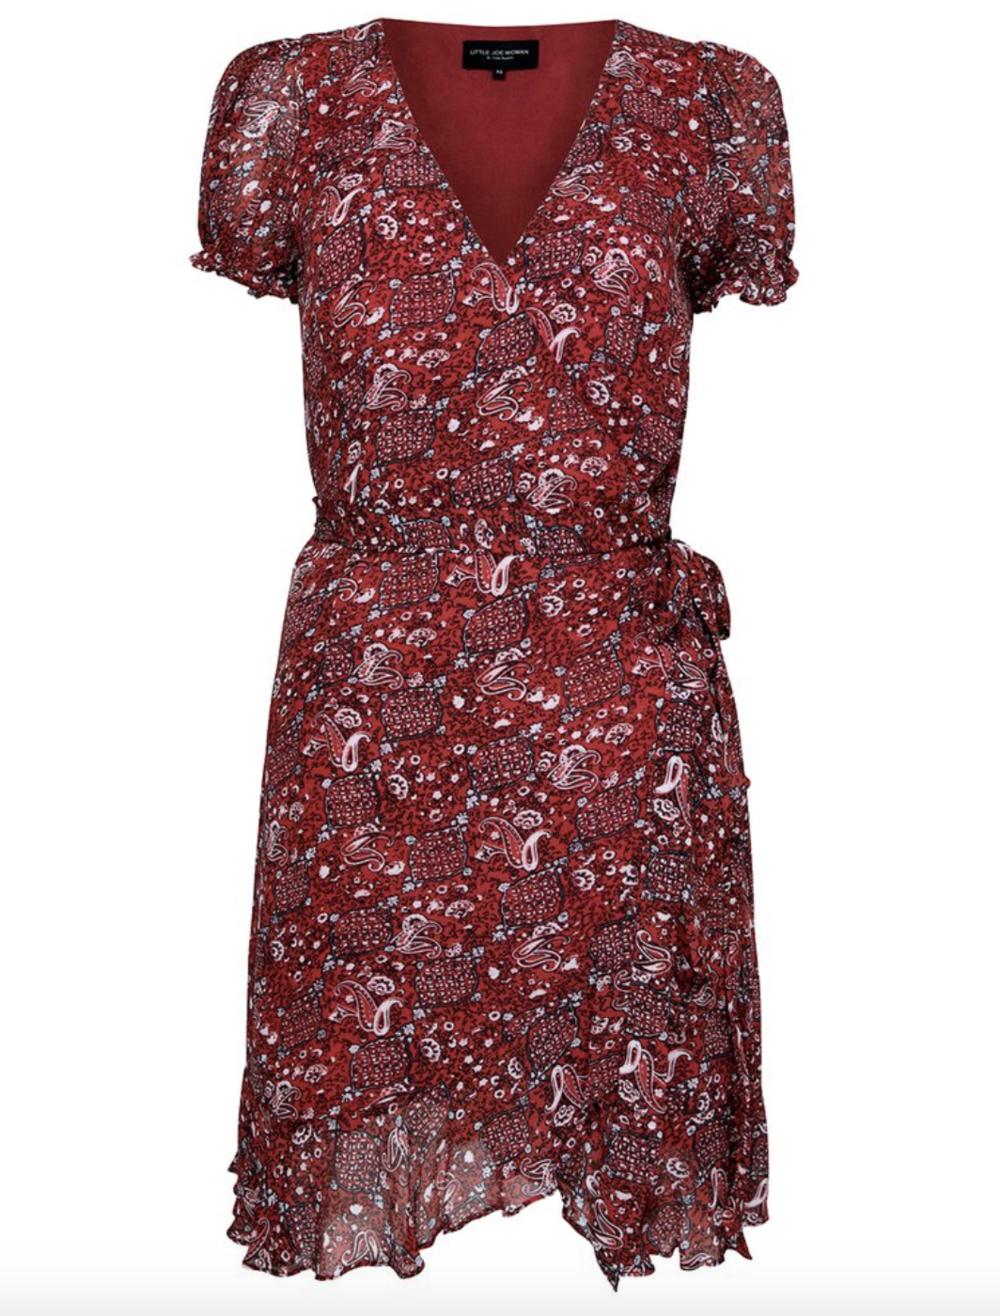 LITTLE JOE WOMAN - Strange But True DressAvailable: Little Joe WomanW: littlejoewoman.com$350